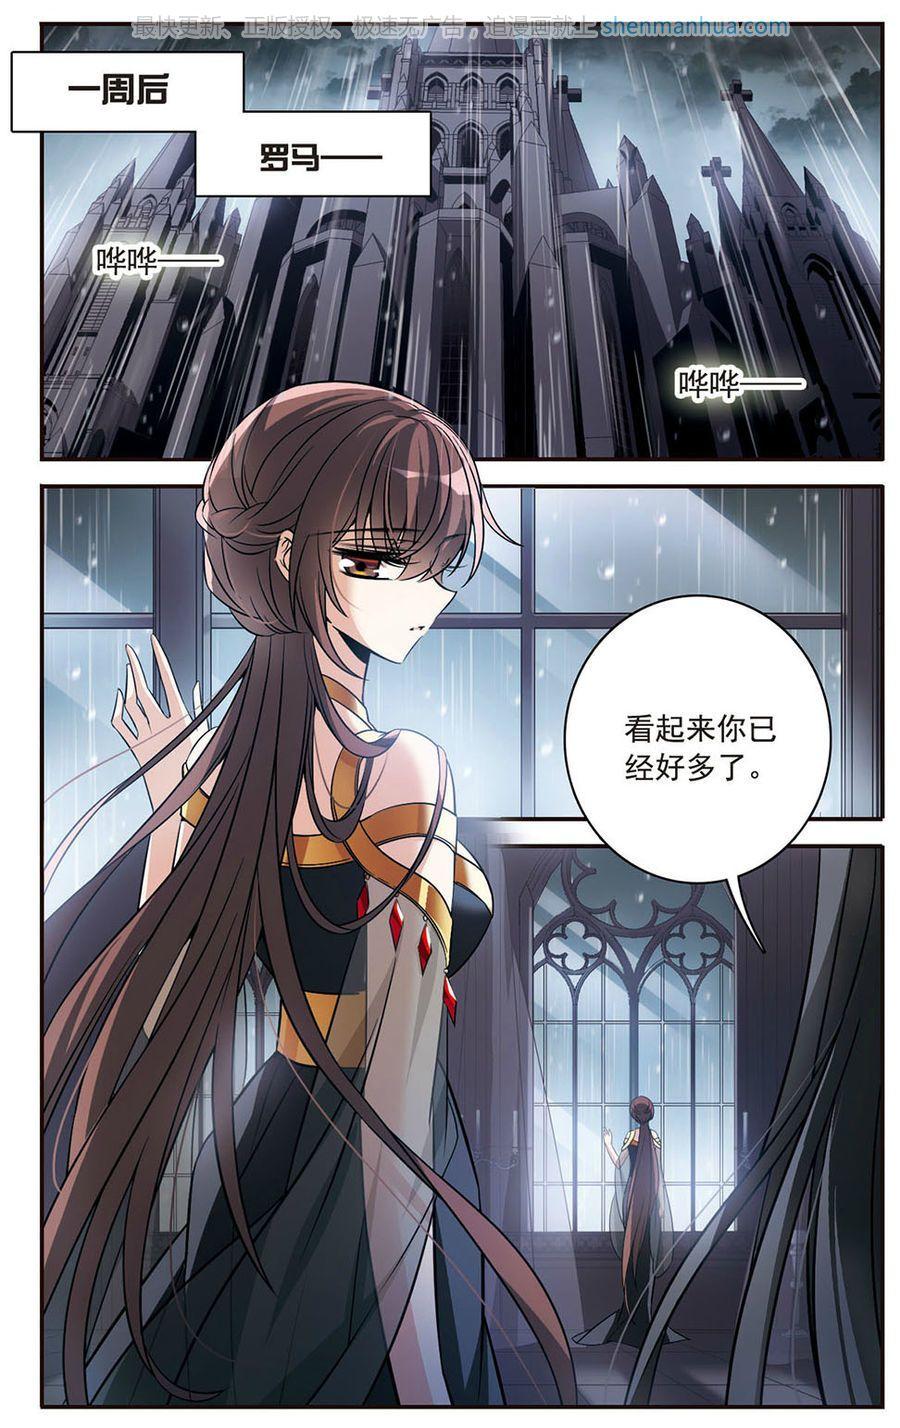 骑士幻想夜150话已成陌路骑士幻想夜漫画150话已成陌路骑士幻想夜150回已成陌路神漫画 art anime manga